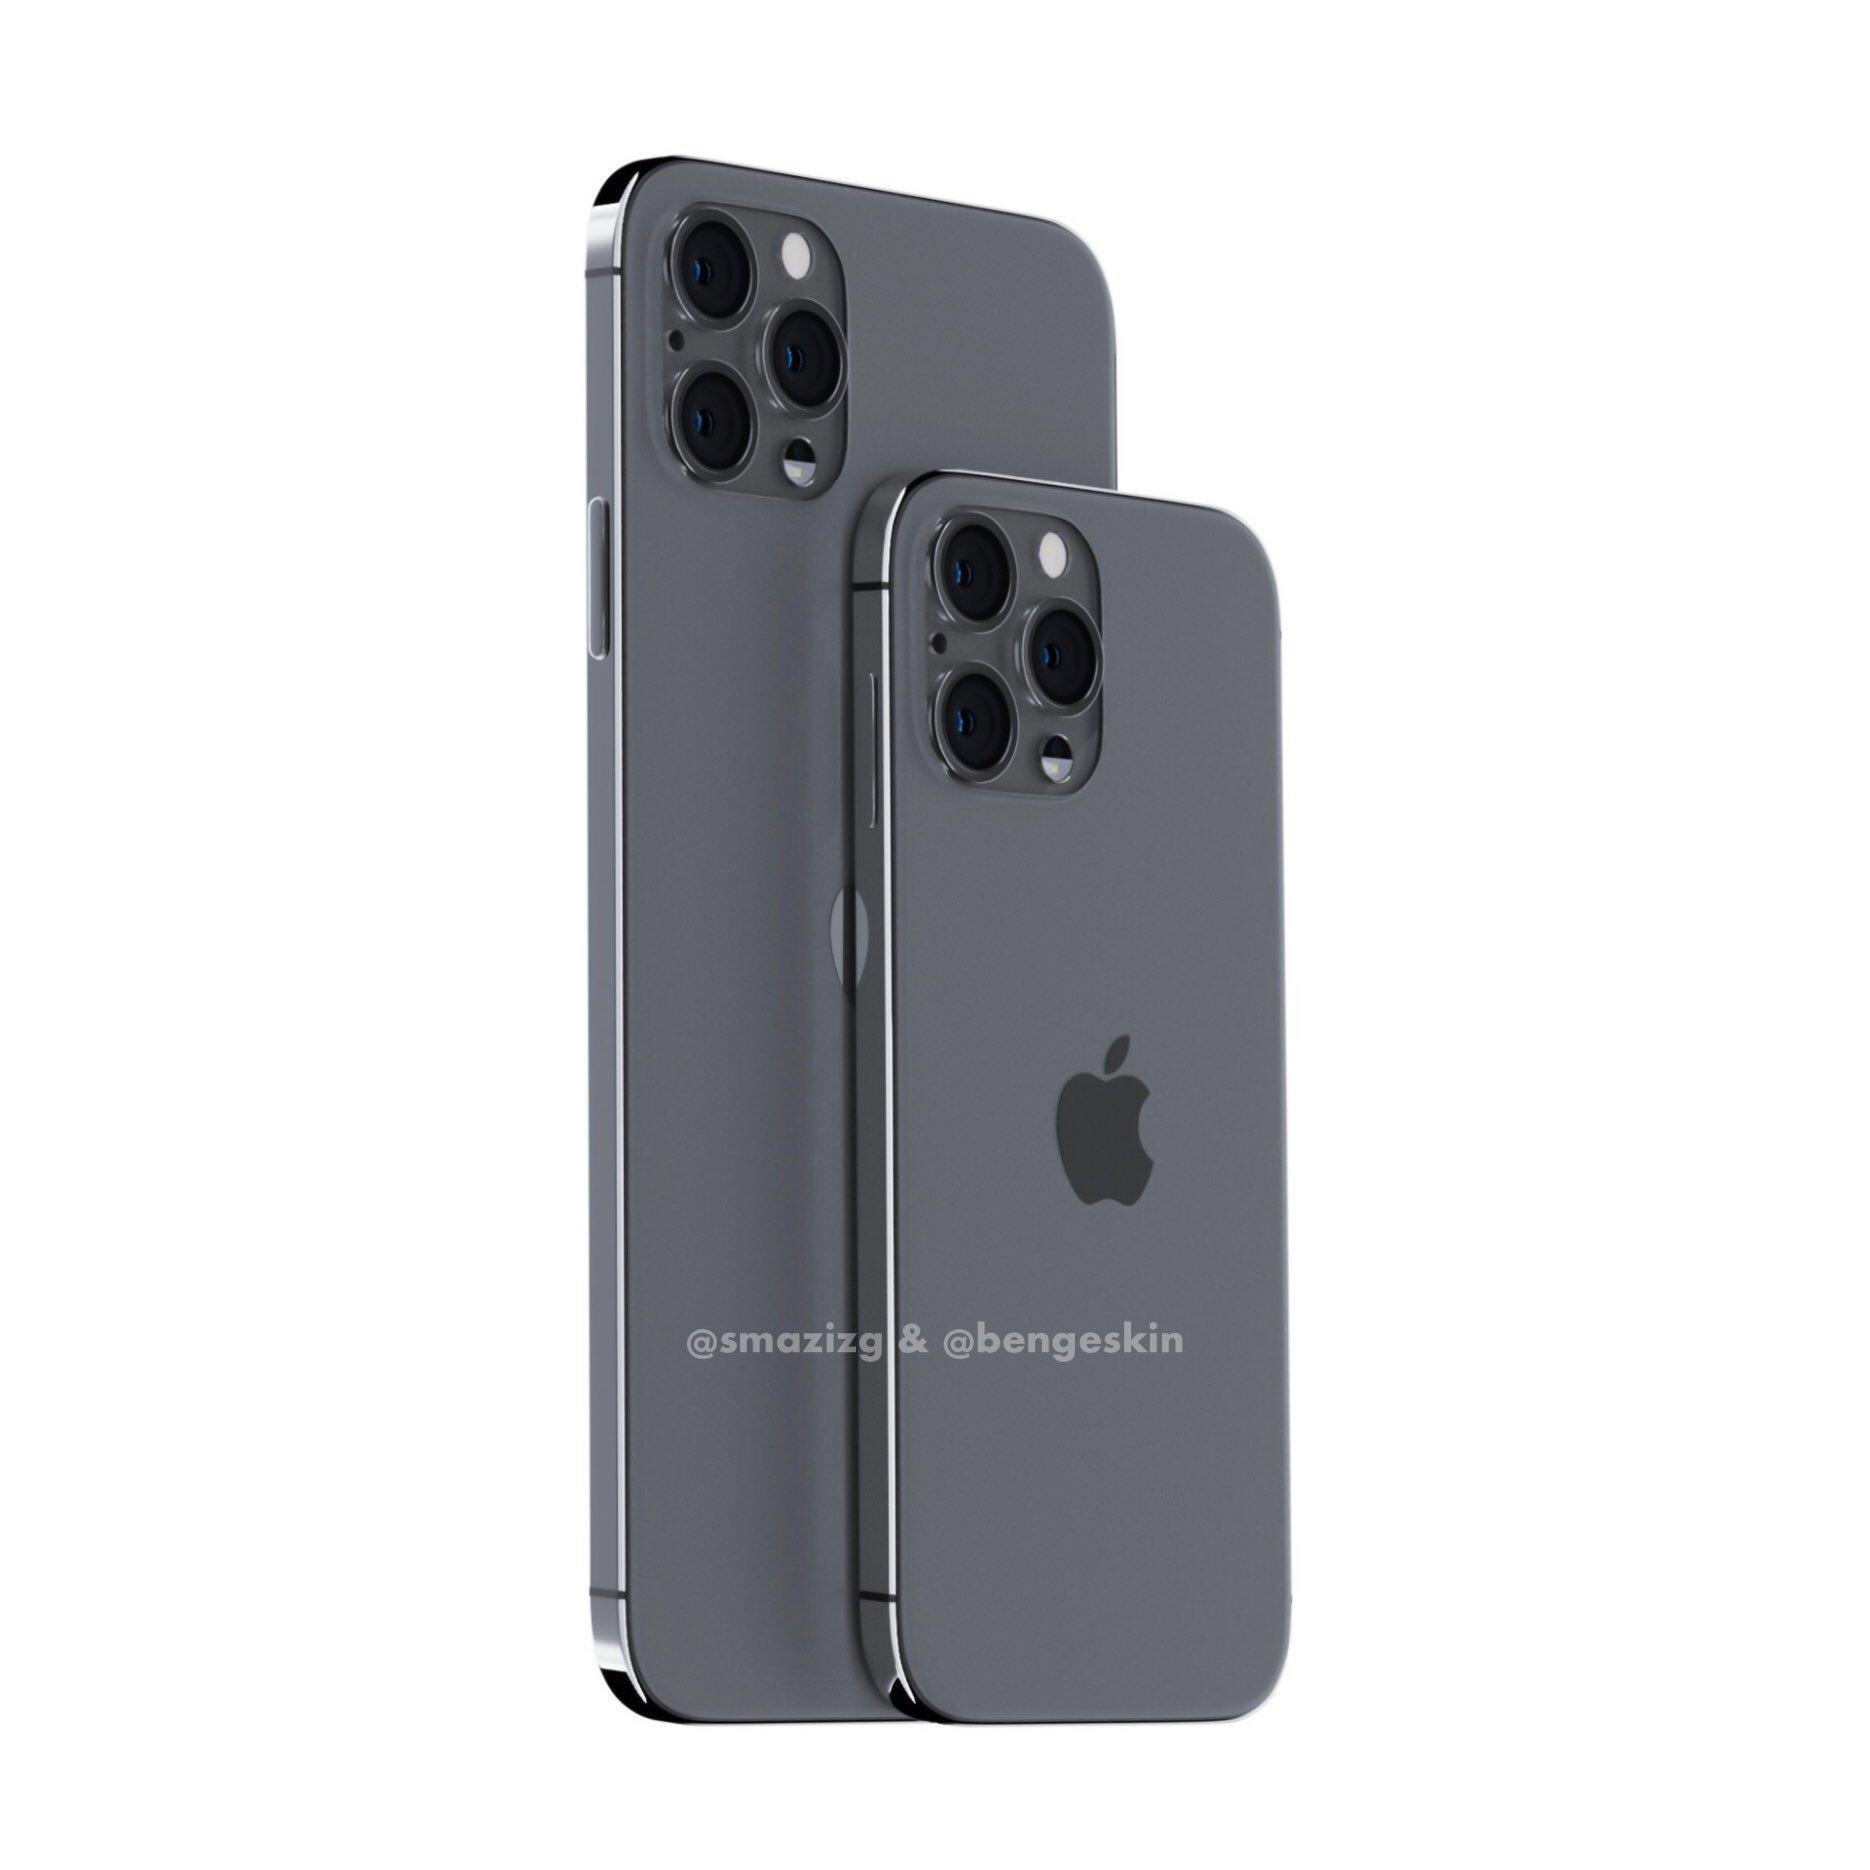 Apple iPhone 2020 koncept rendery wygląd plotki przecieki wycieki kiedy premiera iPhone 12